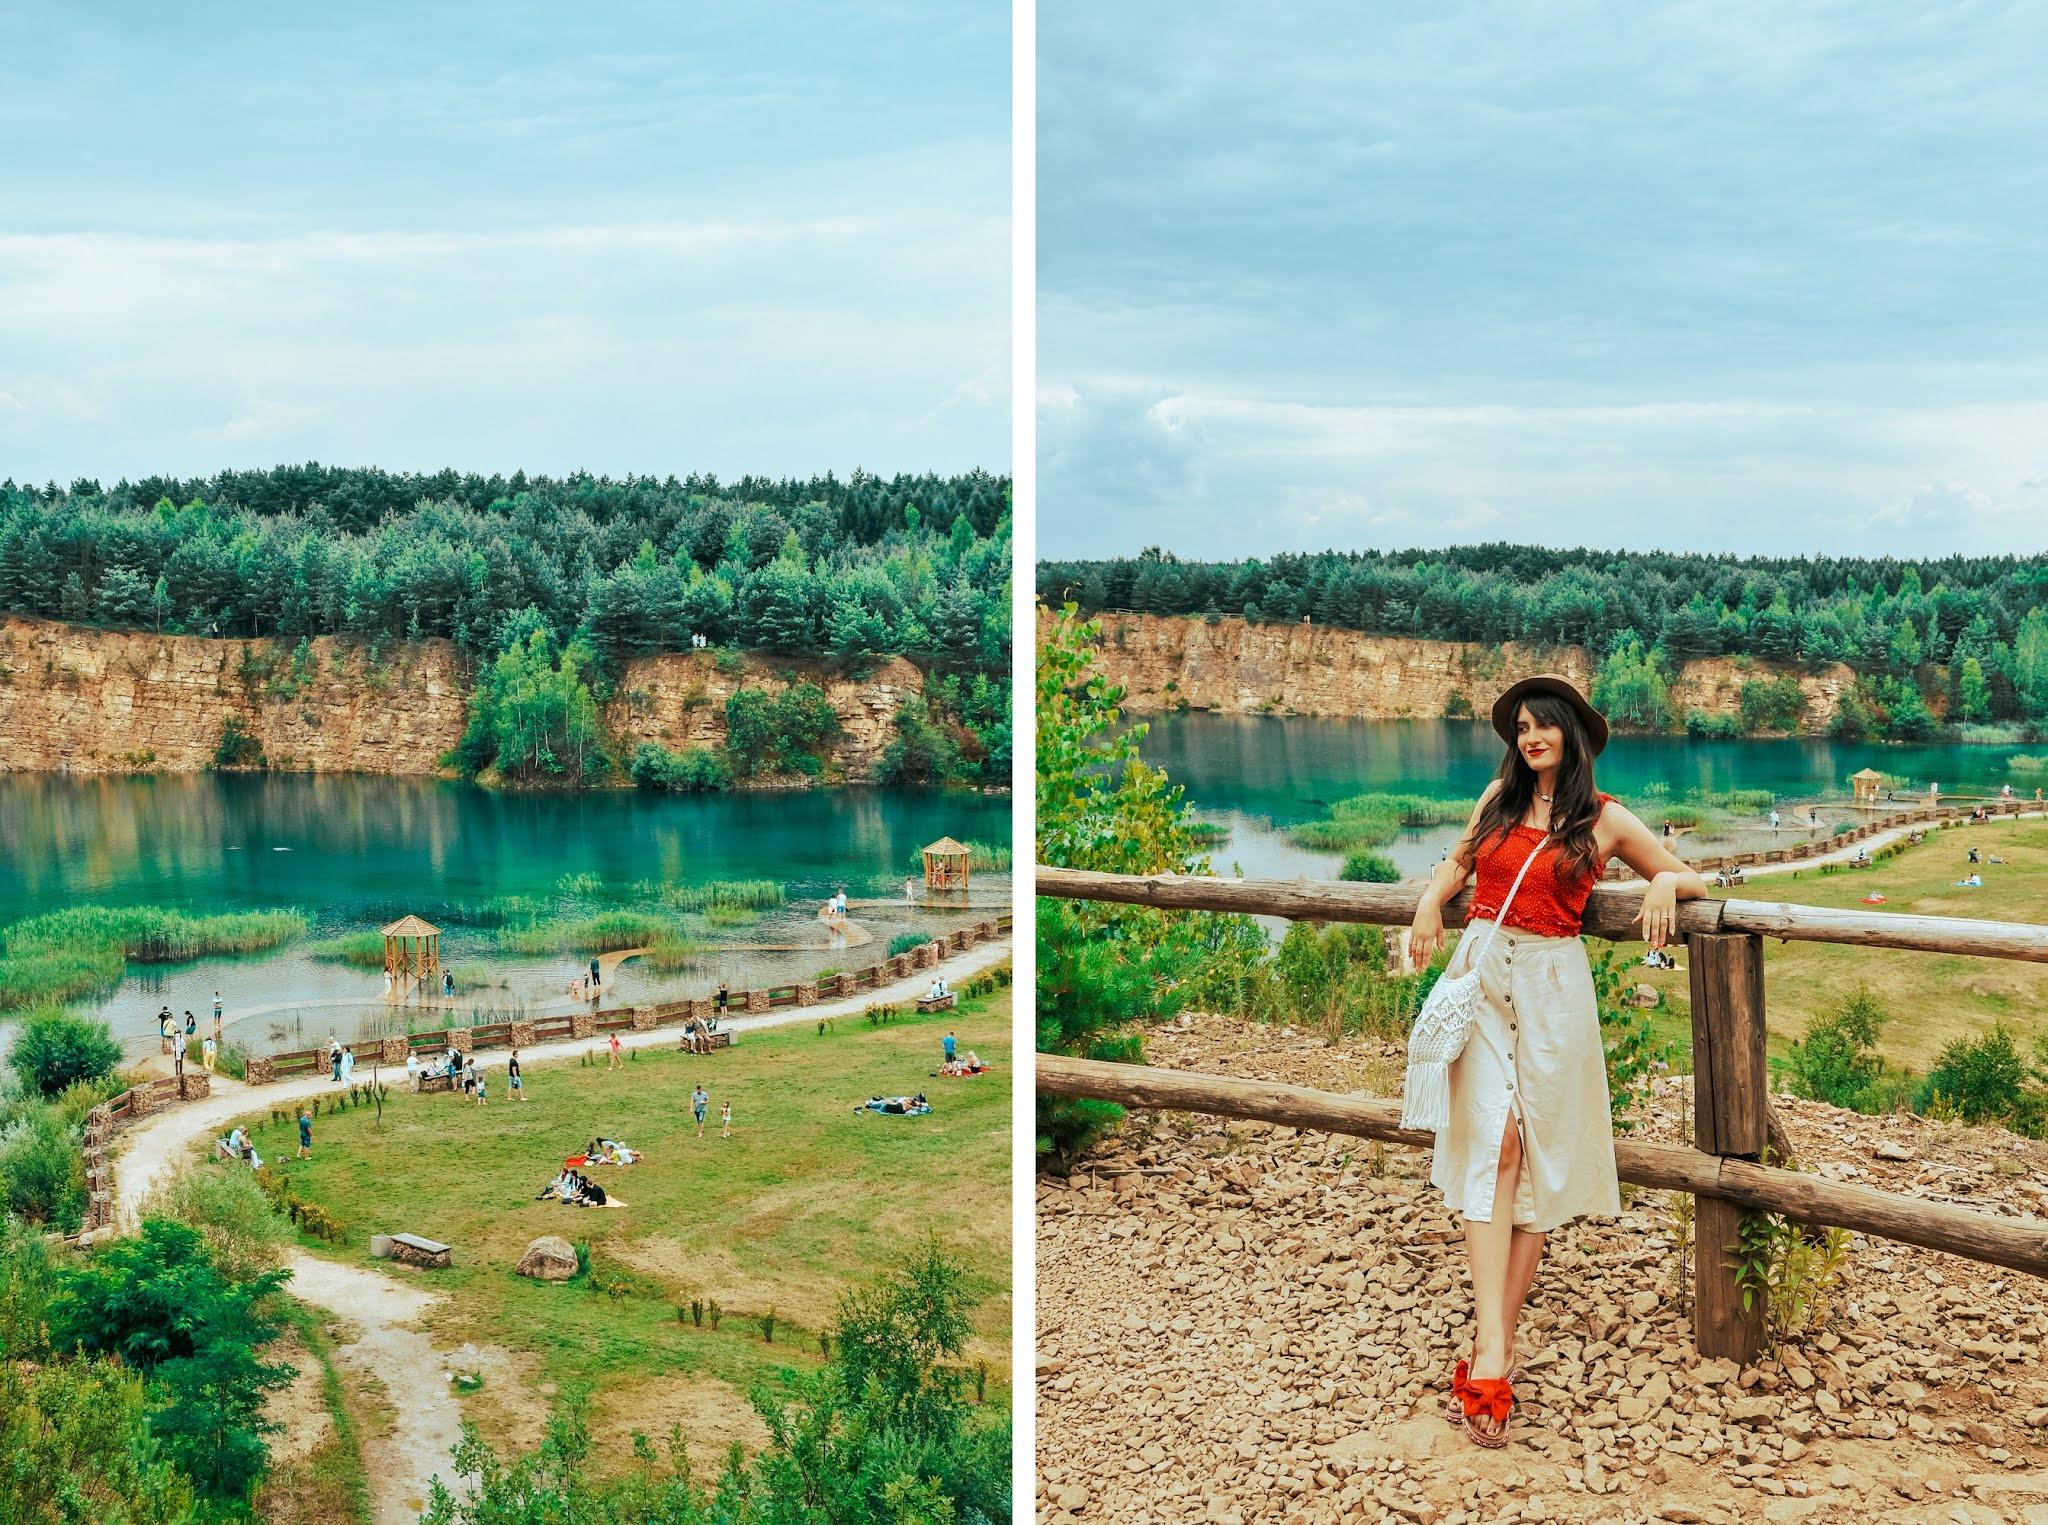 śląska Chorwacja - atrakcje na Śląsku które warto zobaczyć